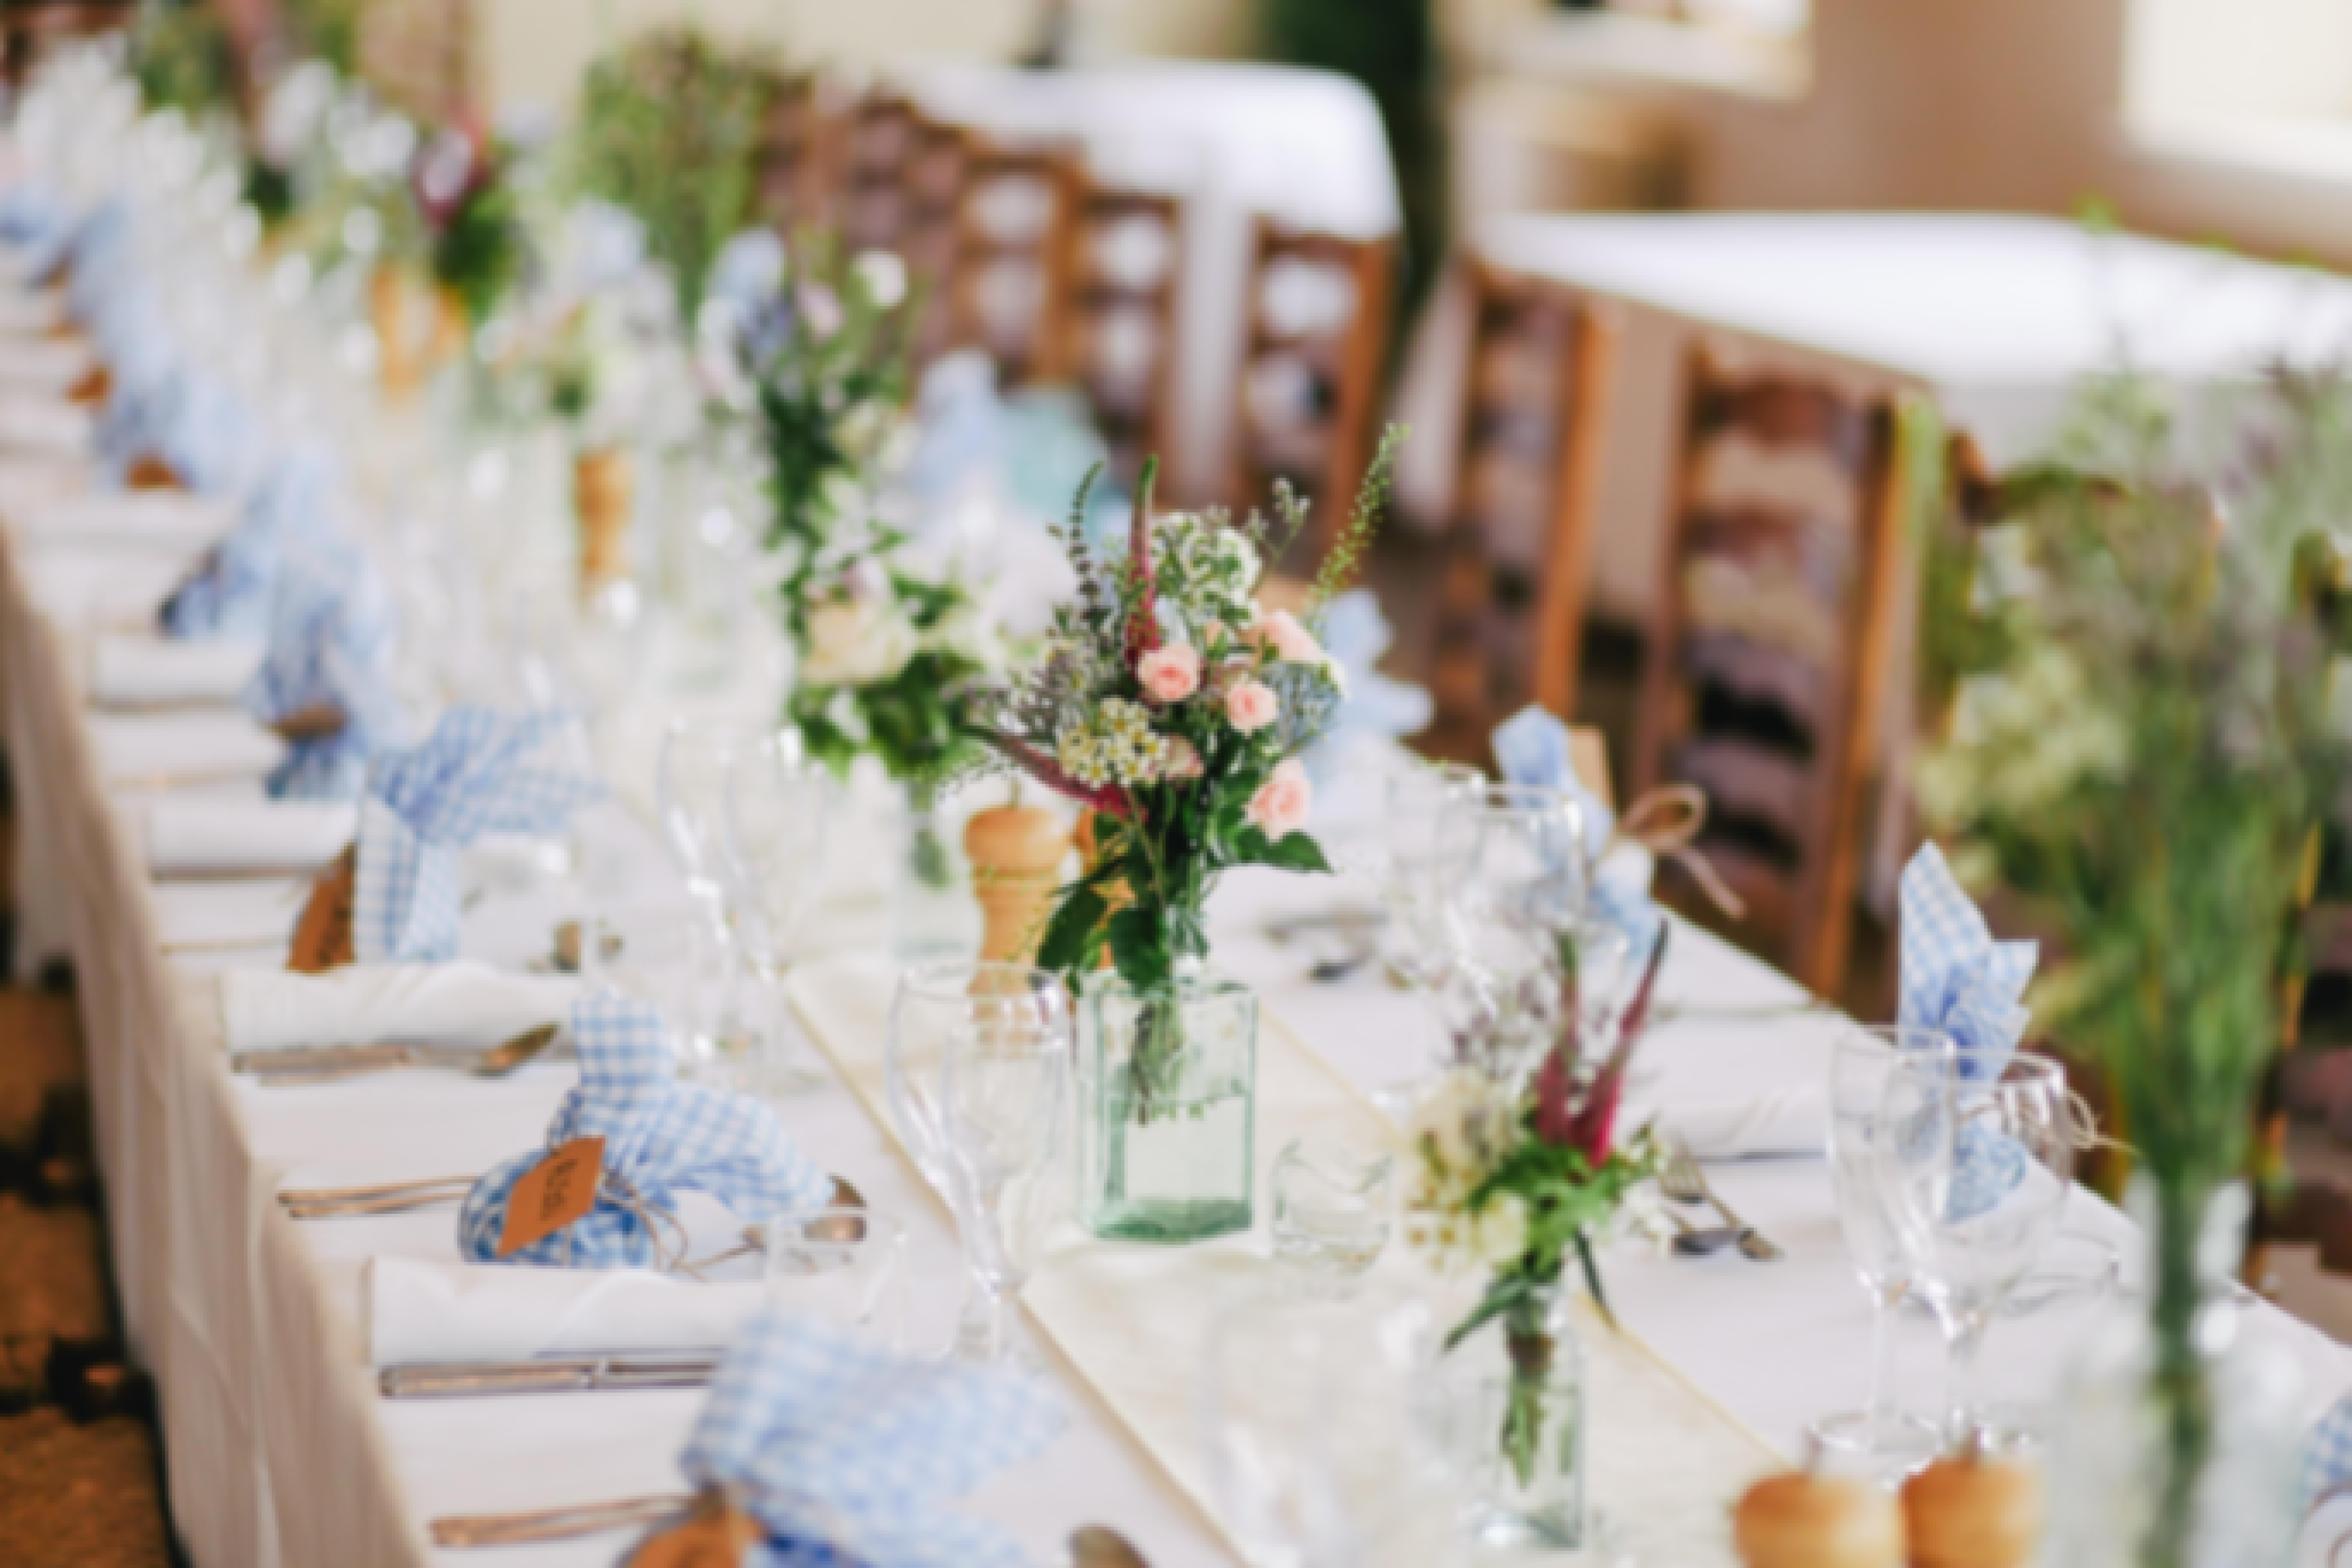 Photo d'une table de mariage décorée avec de la vaisselle